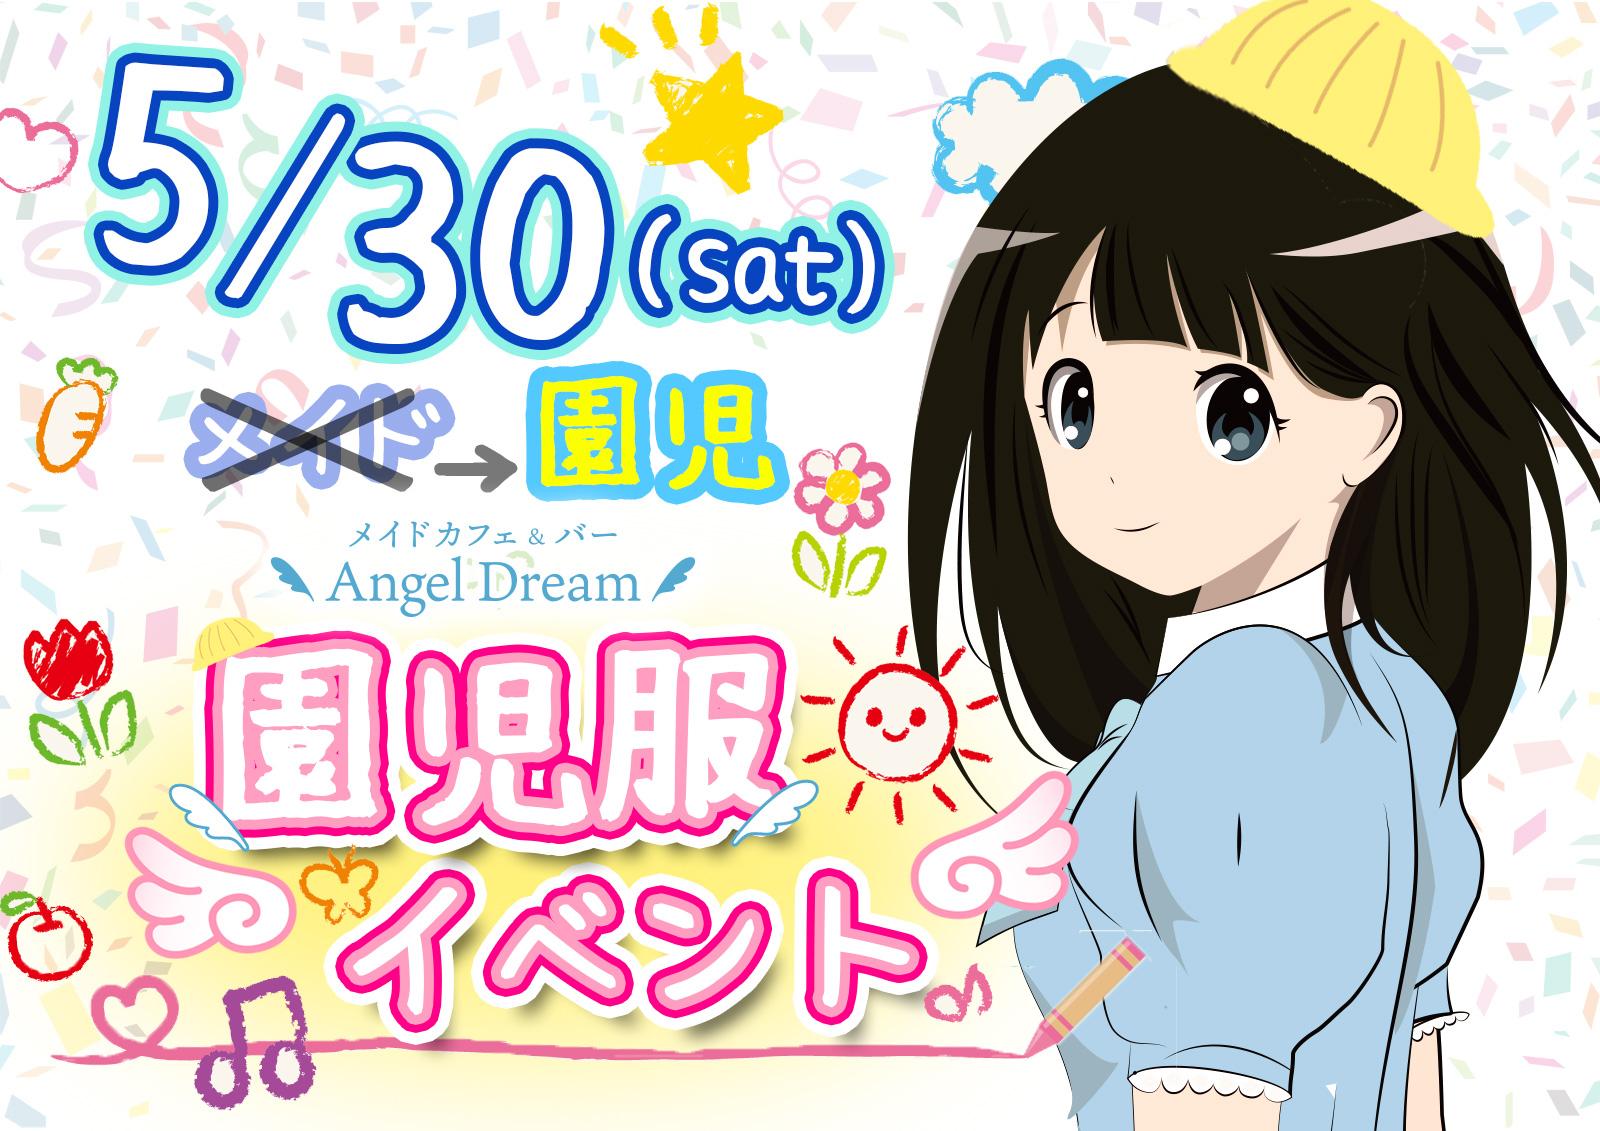 【☆イベント開催☆】5.30(Sat)園児服イベント開催!